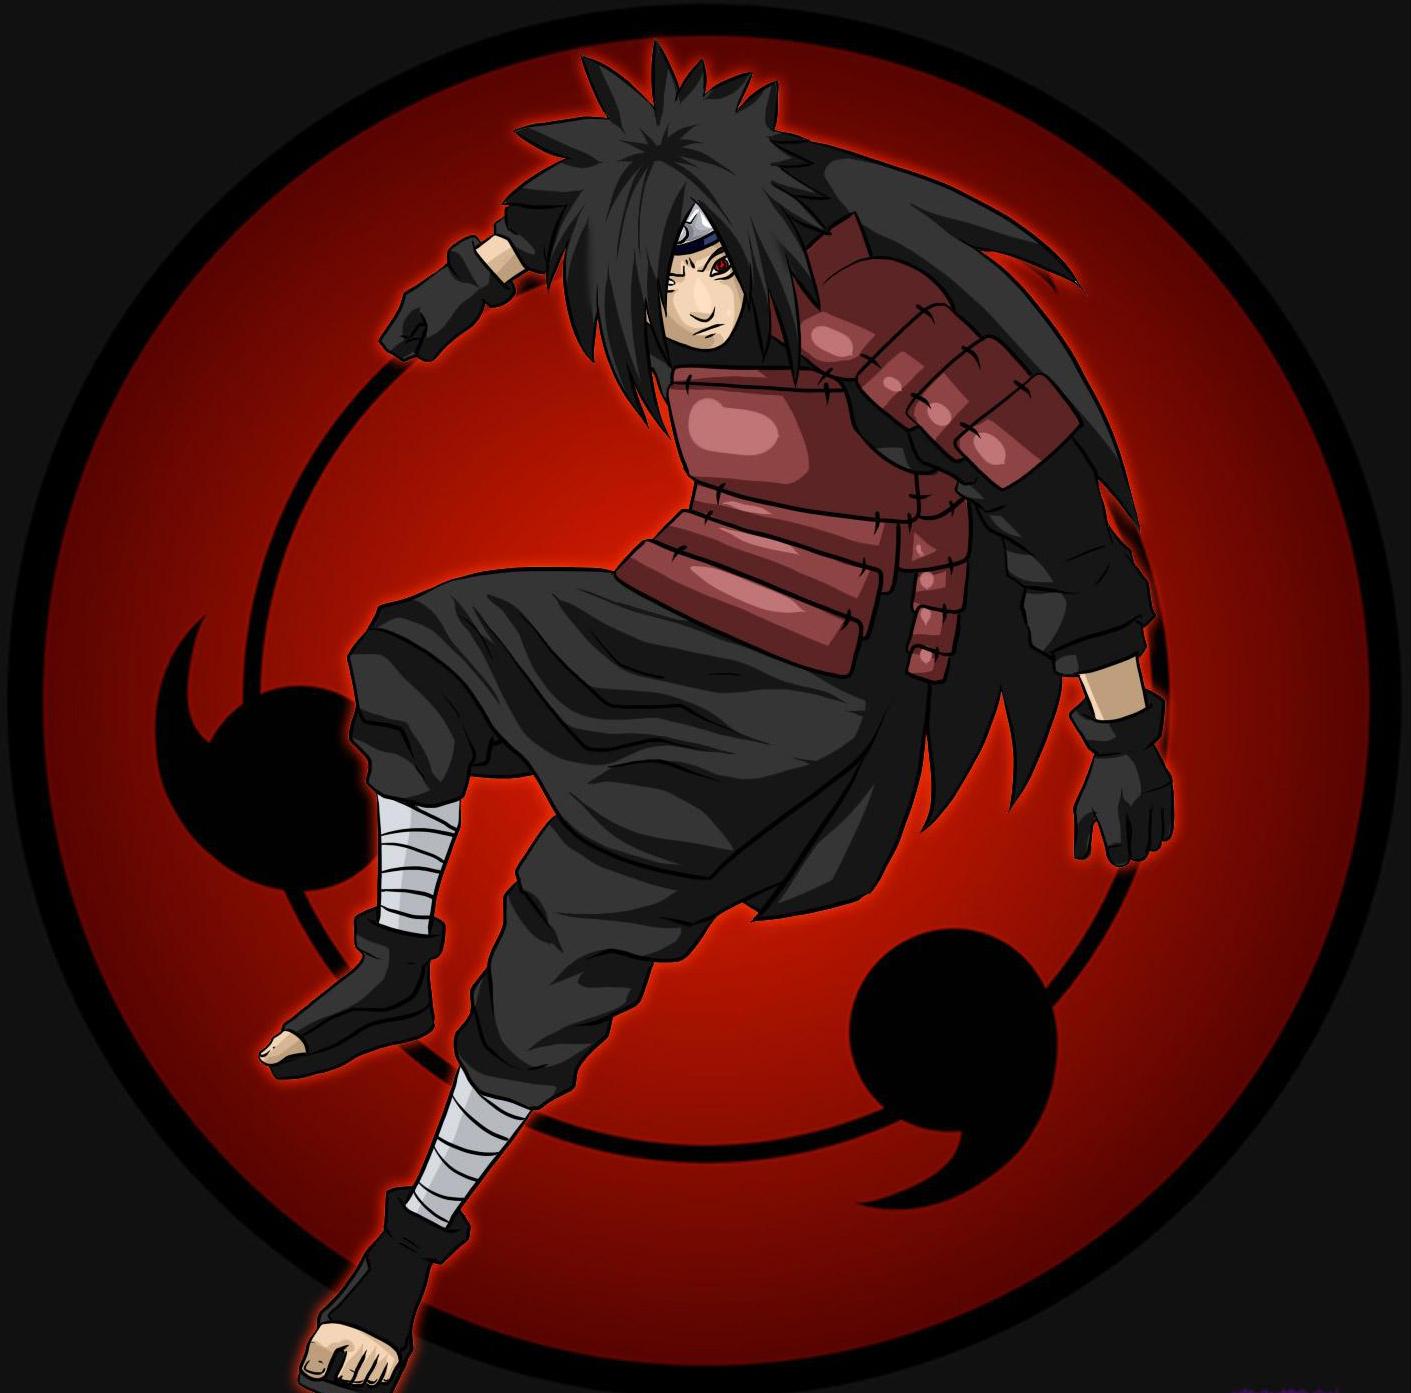 Gambar Naruto dan Akatsuki - Cerita Naruto Terbaru